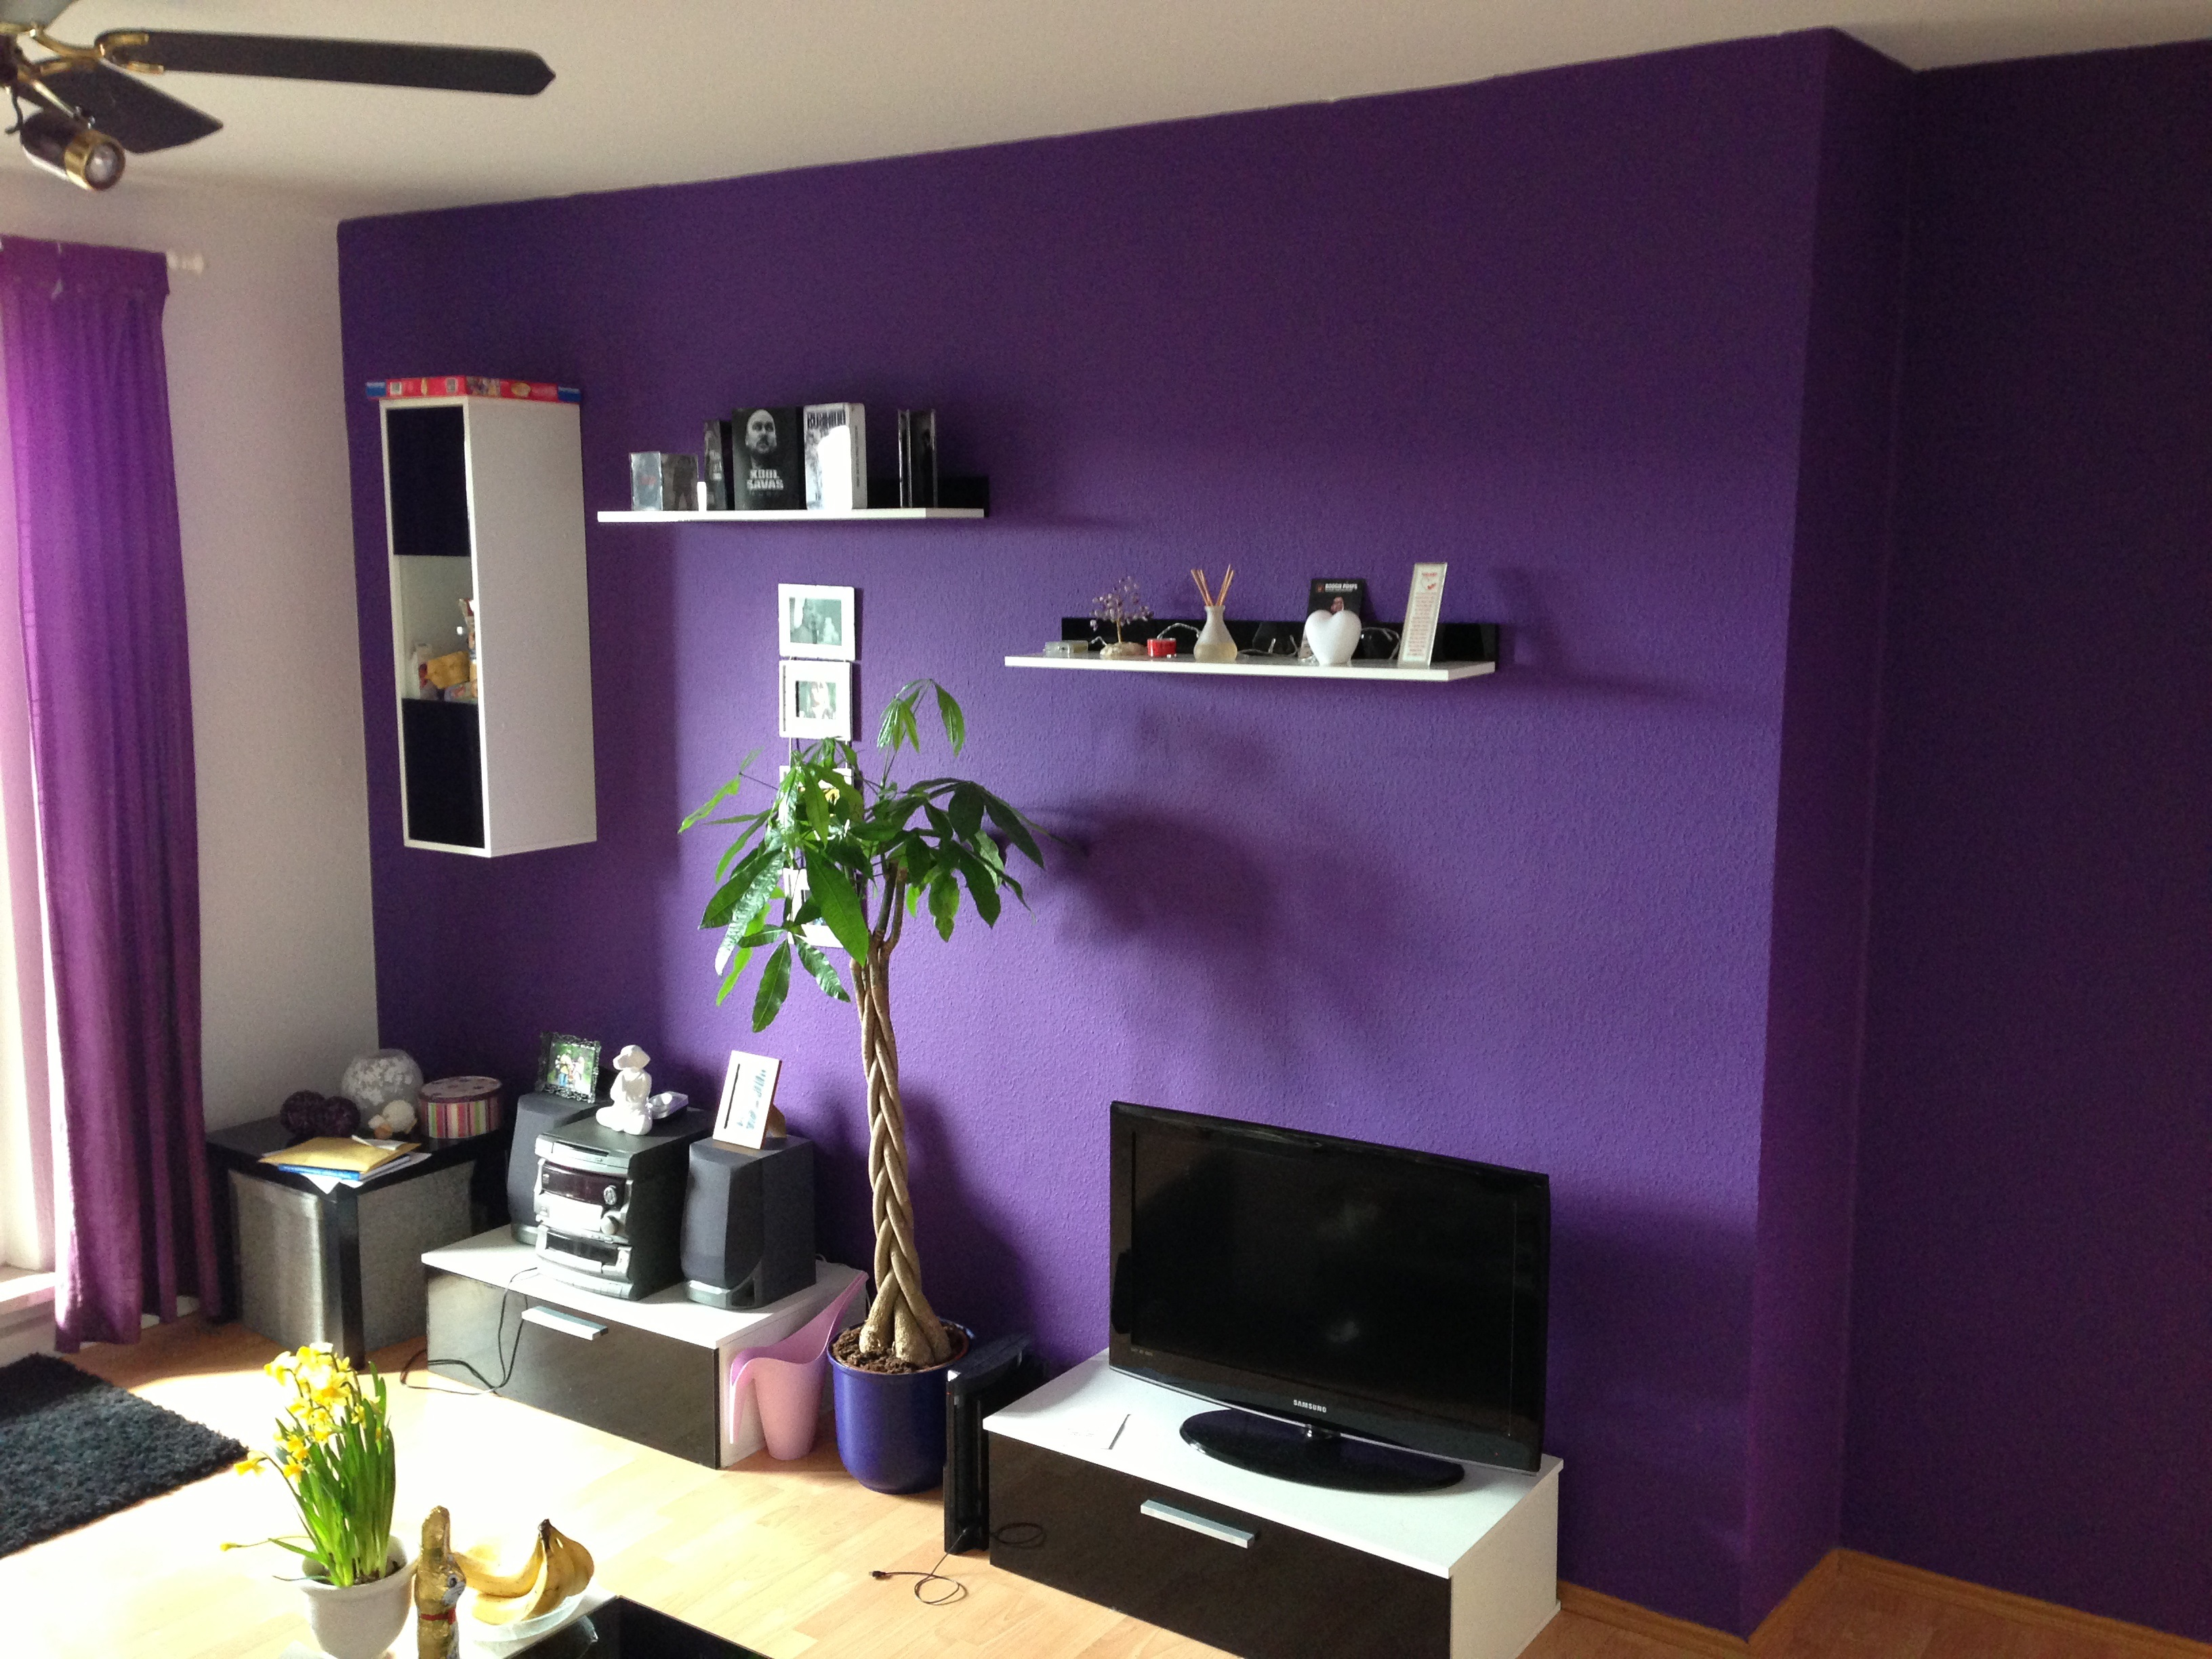 wandgestaltung wohnzimmer aubergine : Wand In Aubergine Streichen Amped For